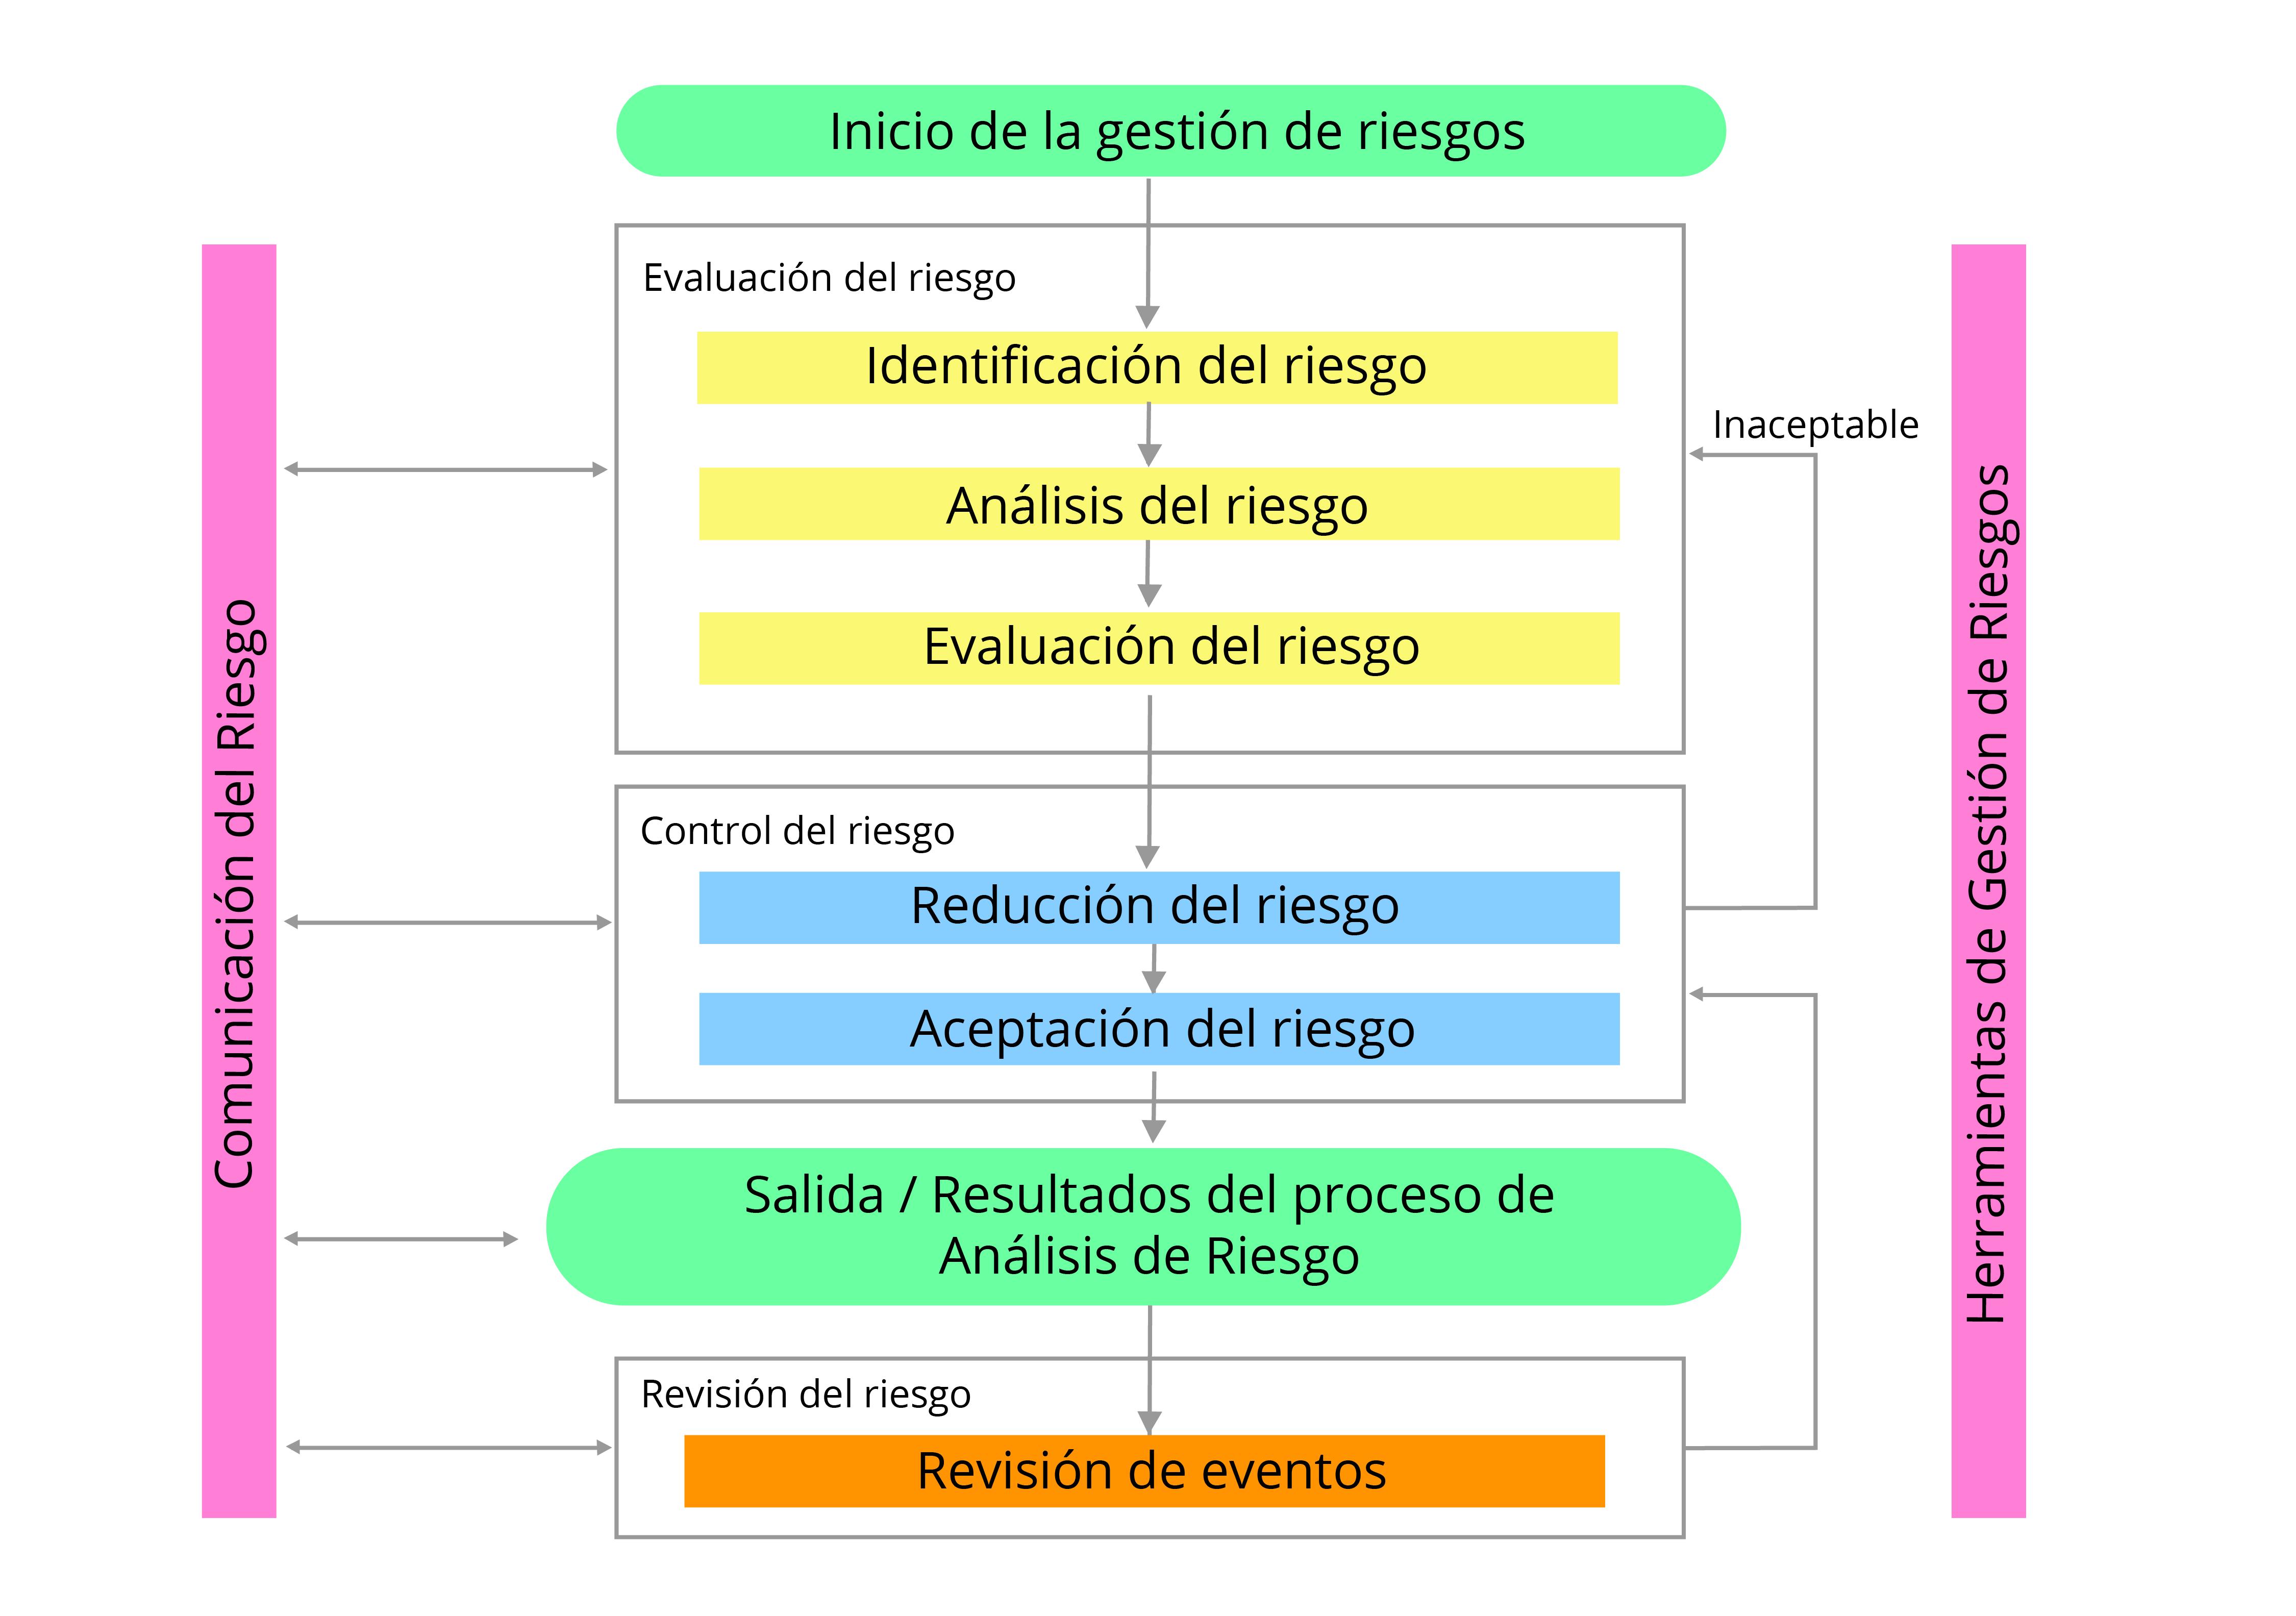 PROCESO DE GESTIÓN DE RIESGOS DE LA GUÍA ICH Q9